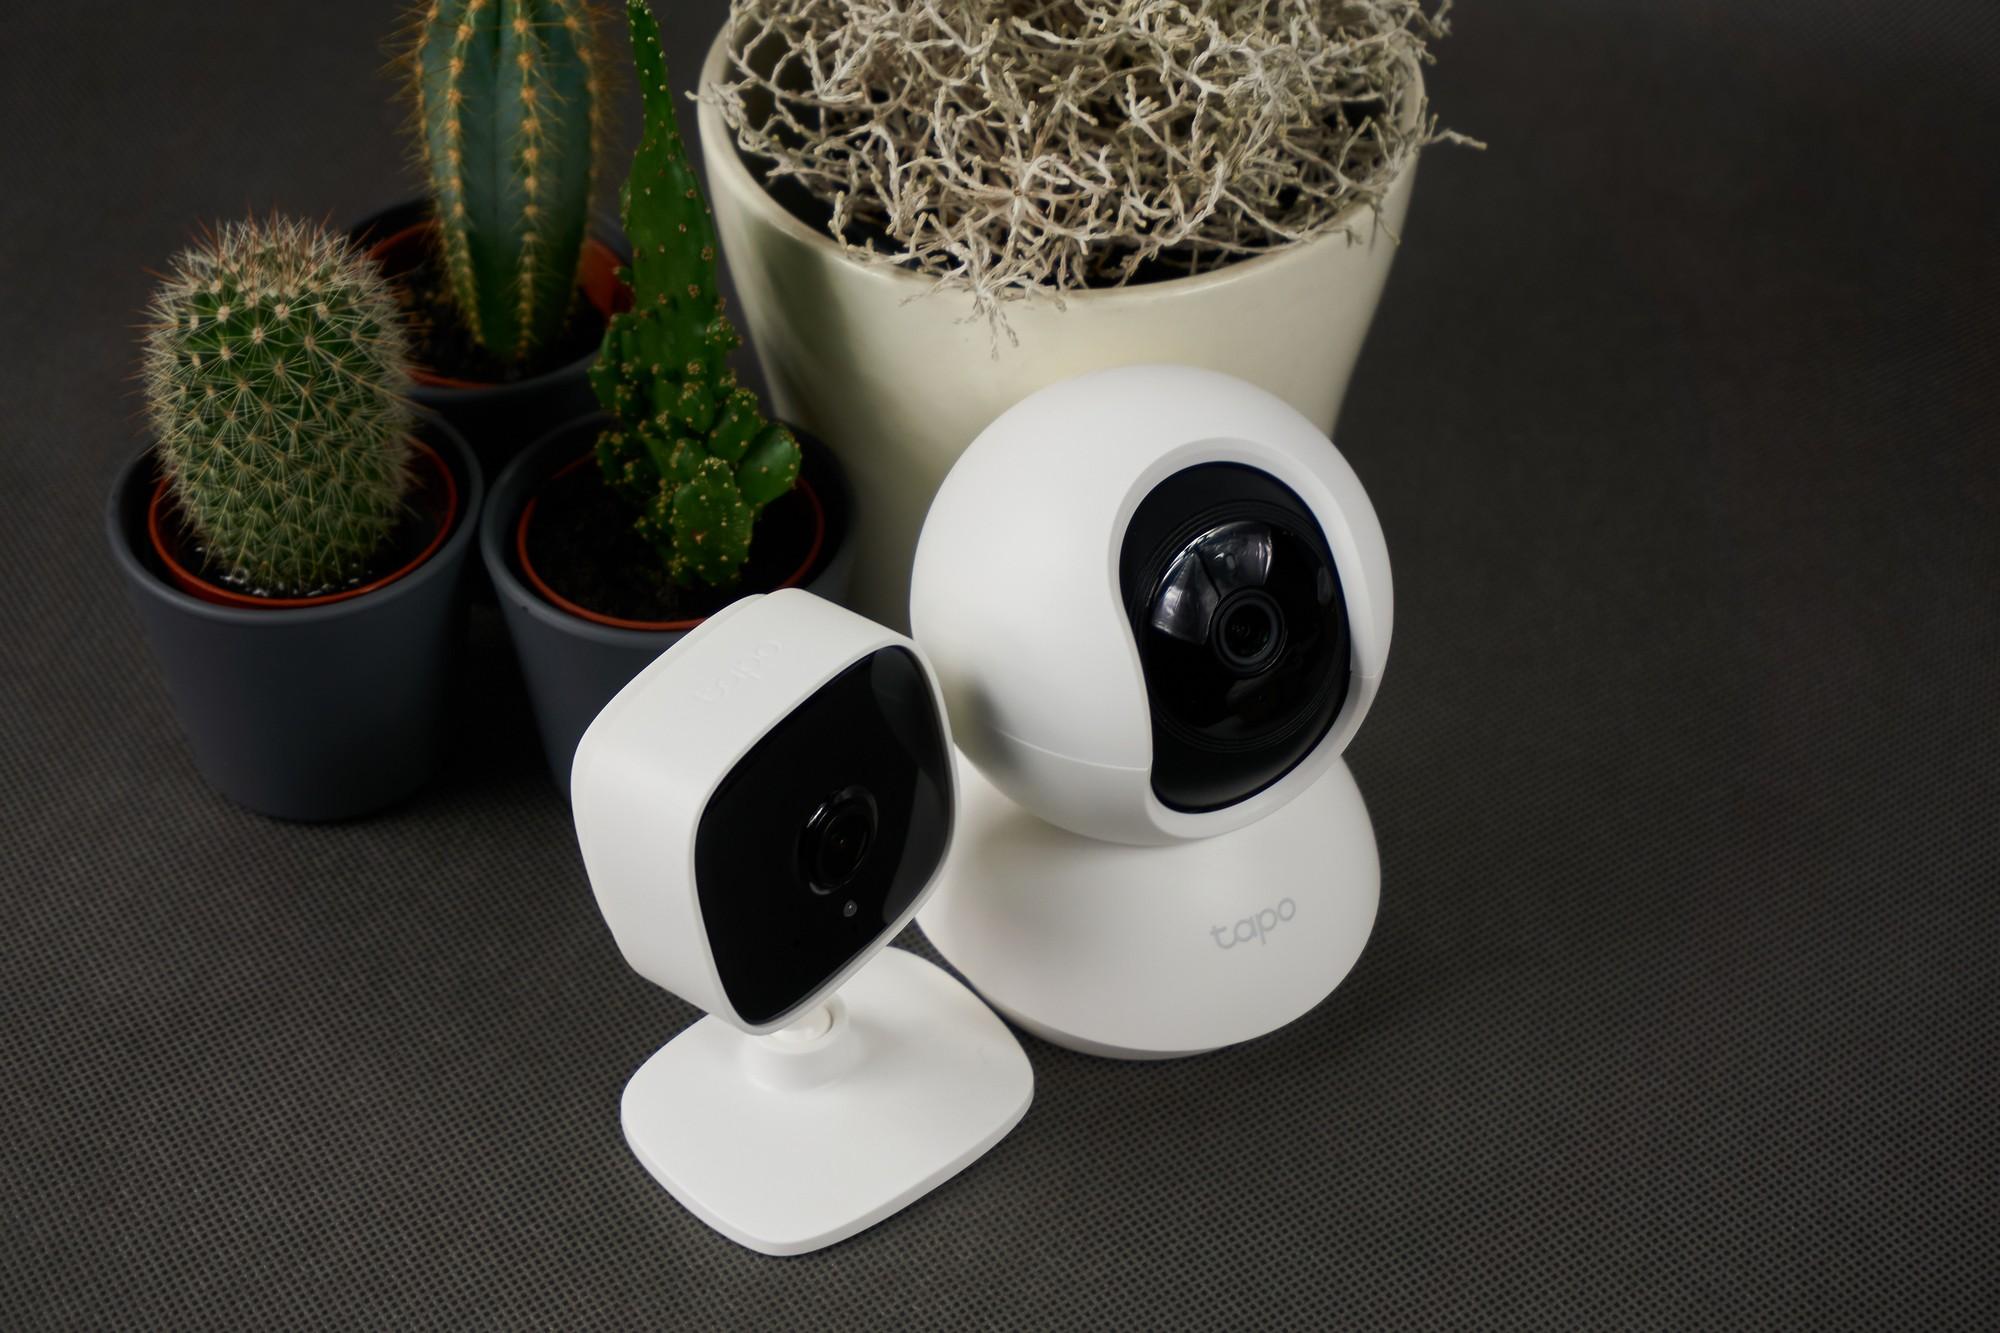 Obie kamerki TP-Link - pełny domowy monitoring ;)